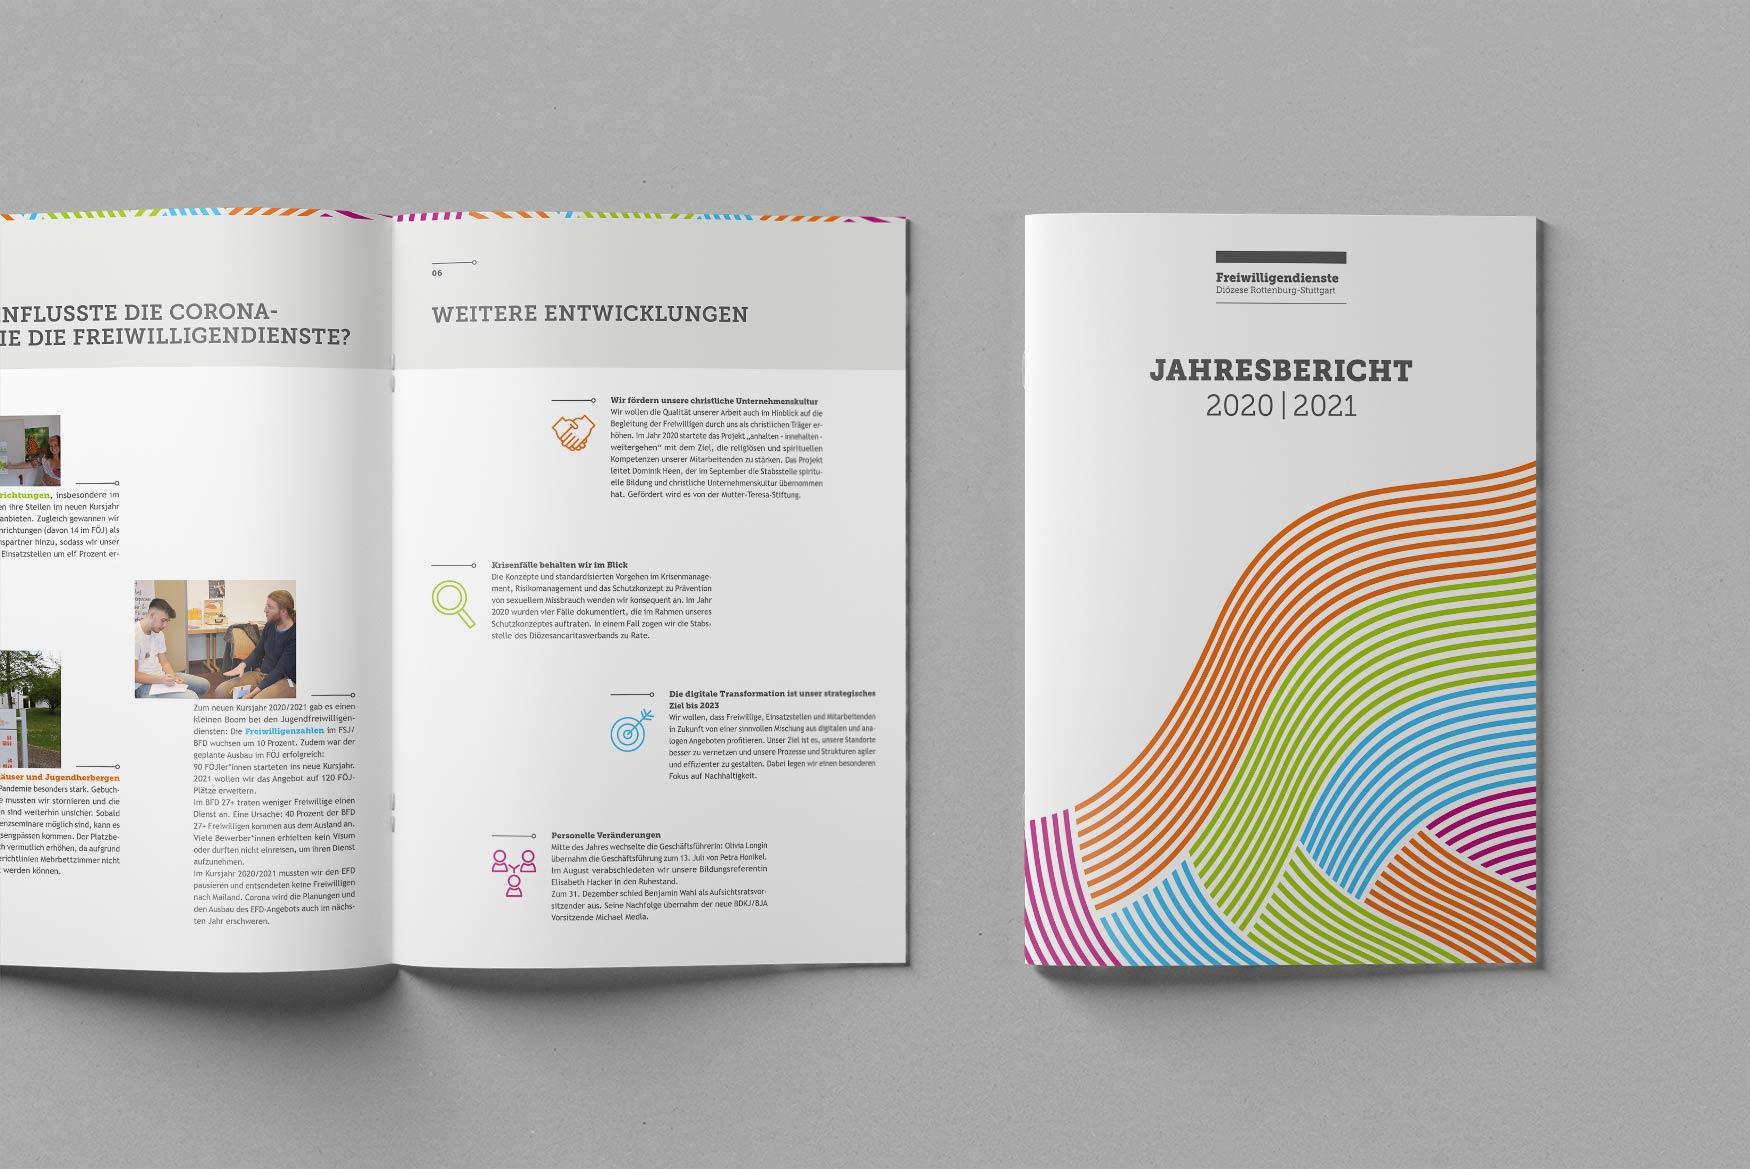 Jahresbericht-FRS-2020-2-Designagentur-Stuttgart-Kreativbetrieb